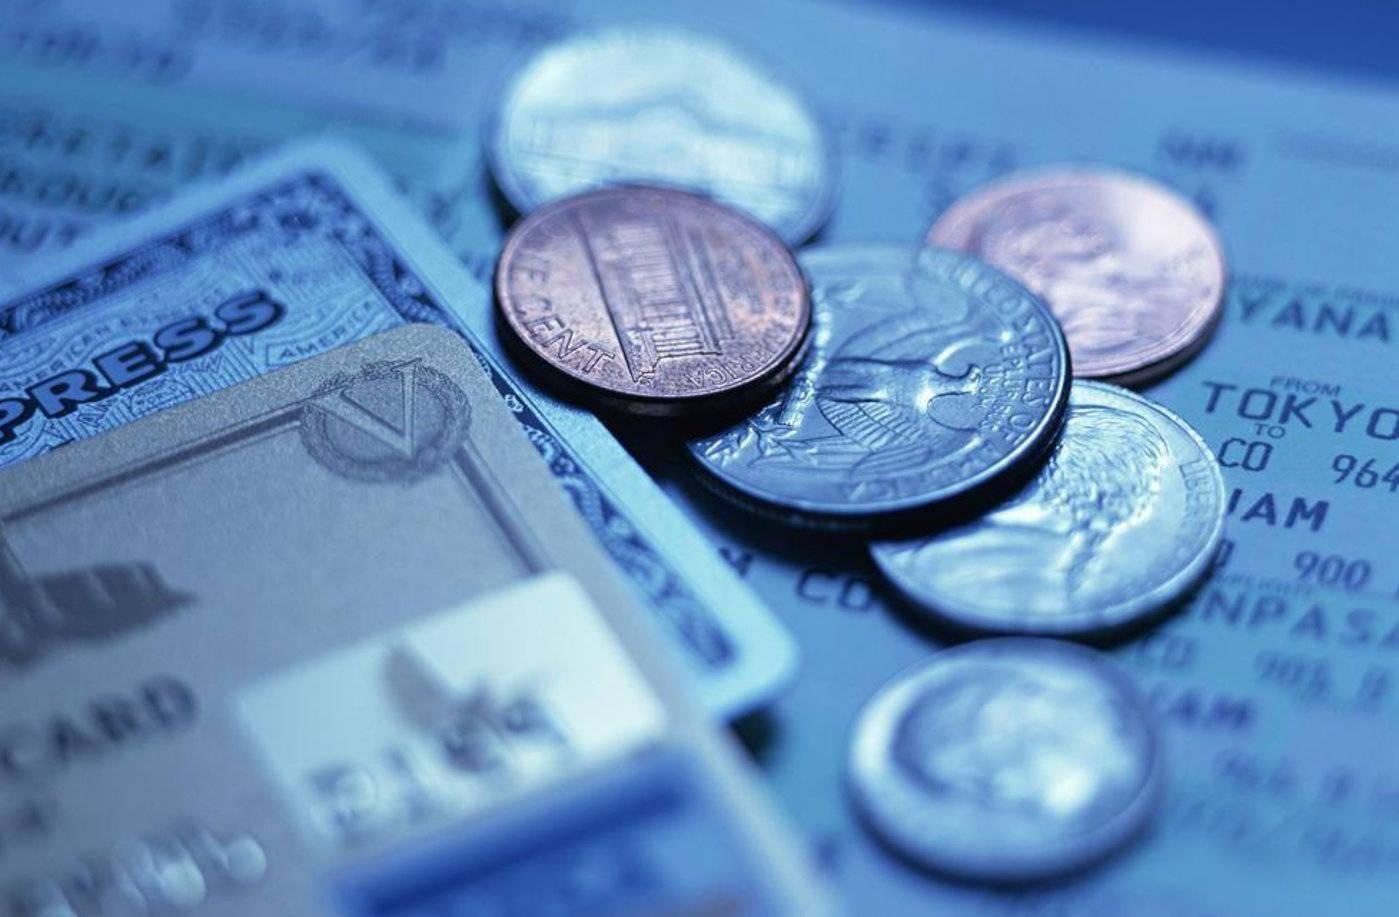 法制征文农业银行成立金融科技子公司,